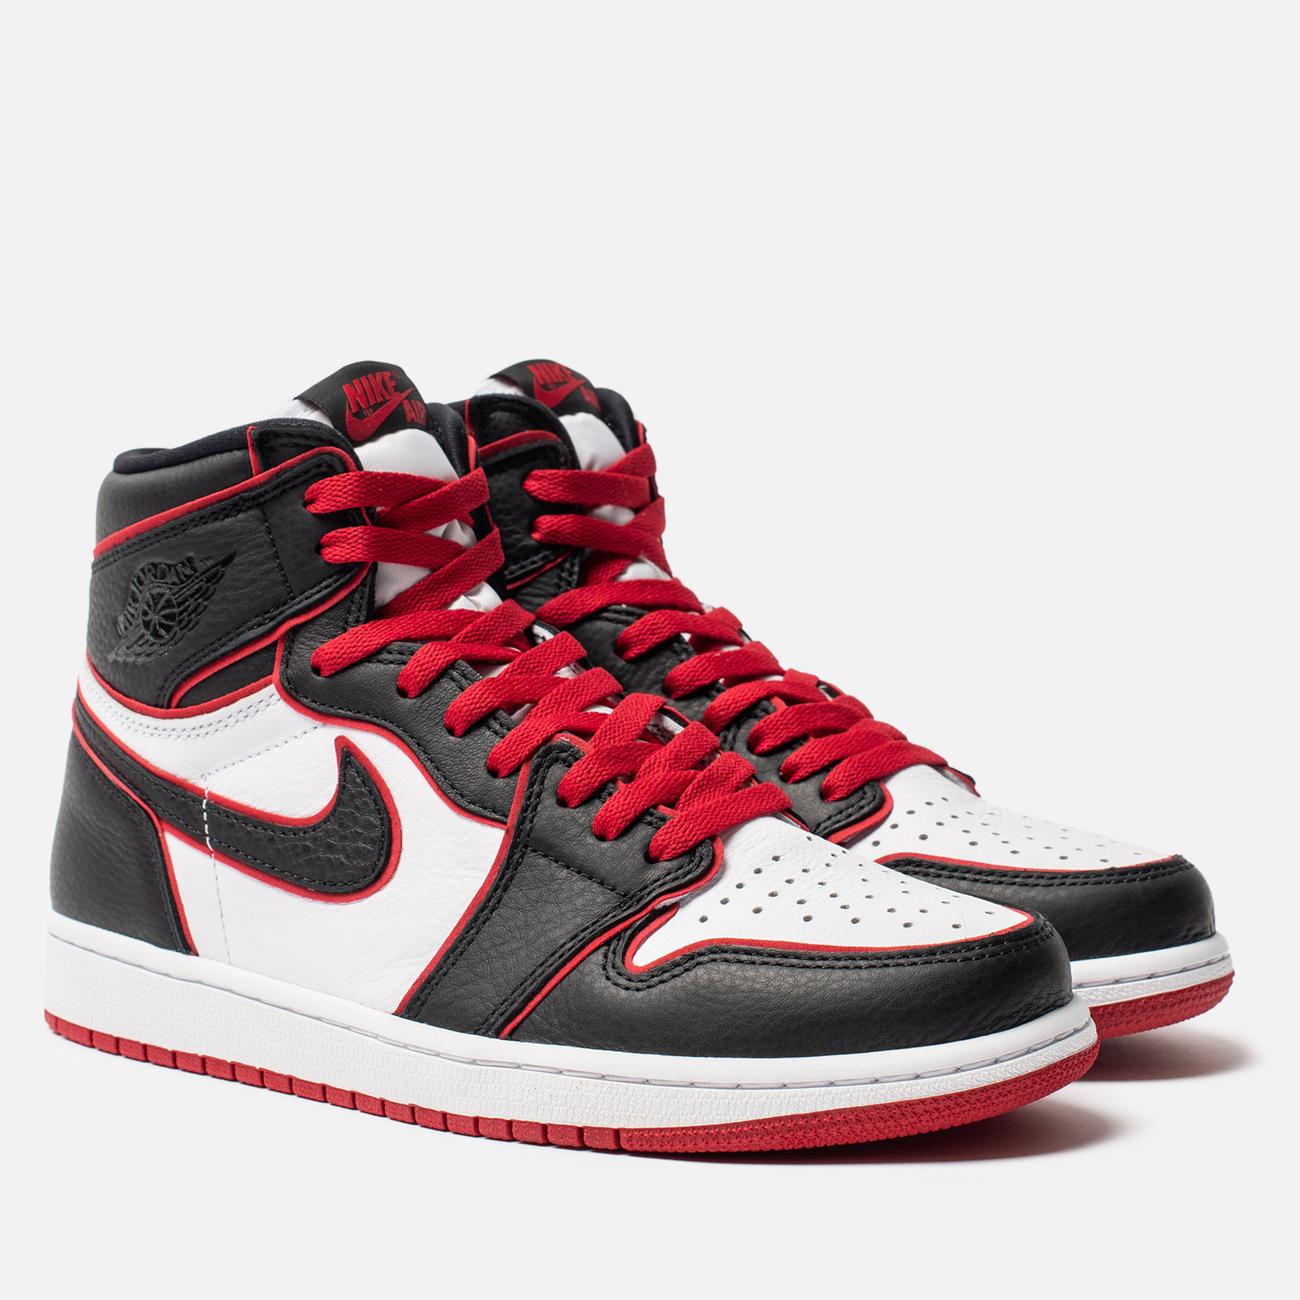 Мужские кроссовки Jordan Air Jordan 1 Retro High OG Bloodline Black/Gym Red/White